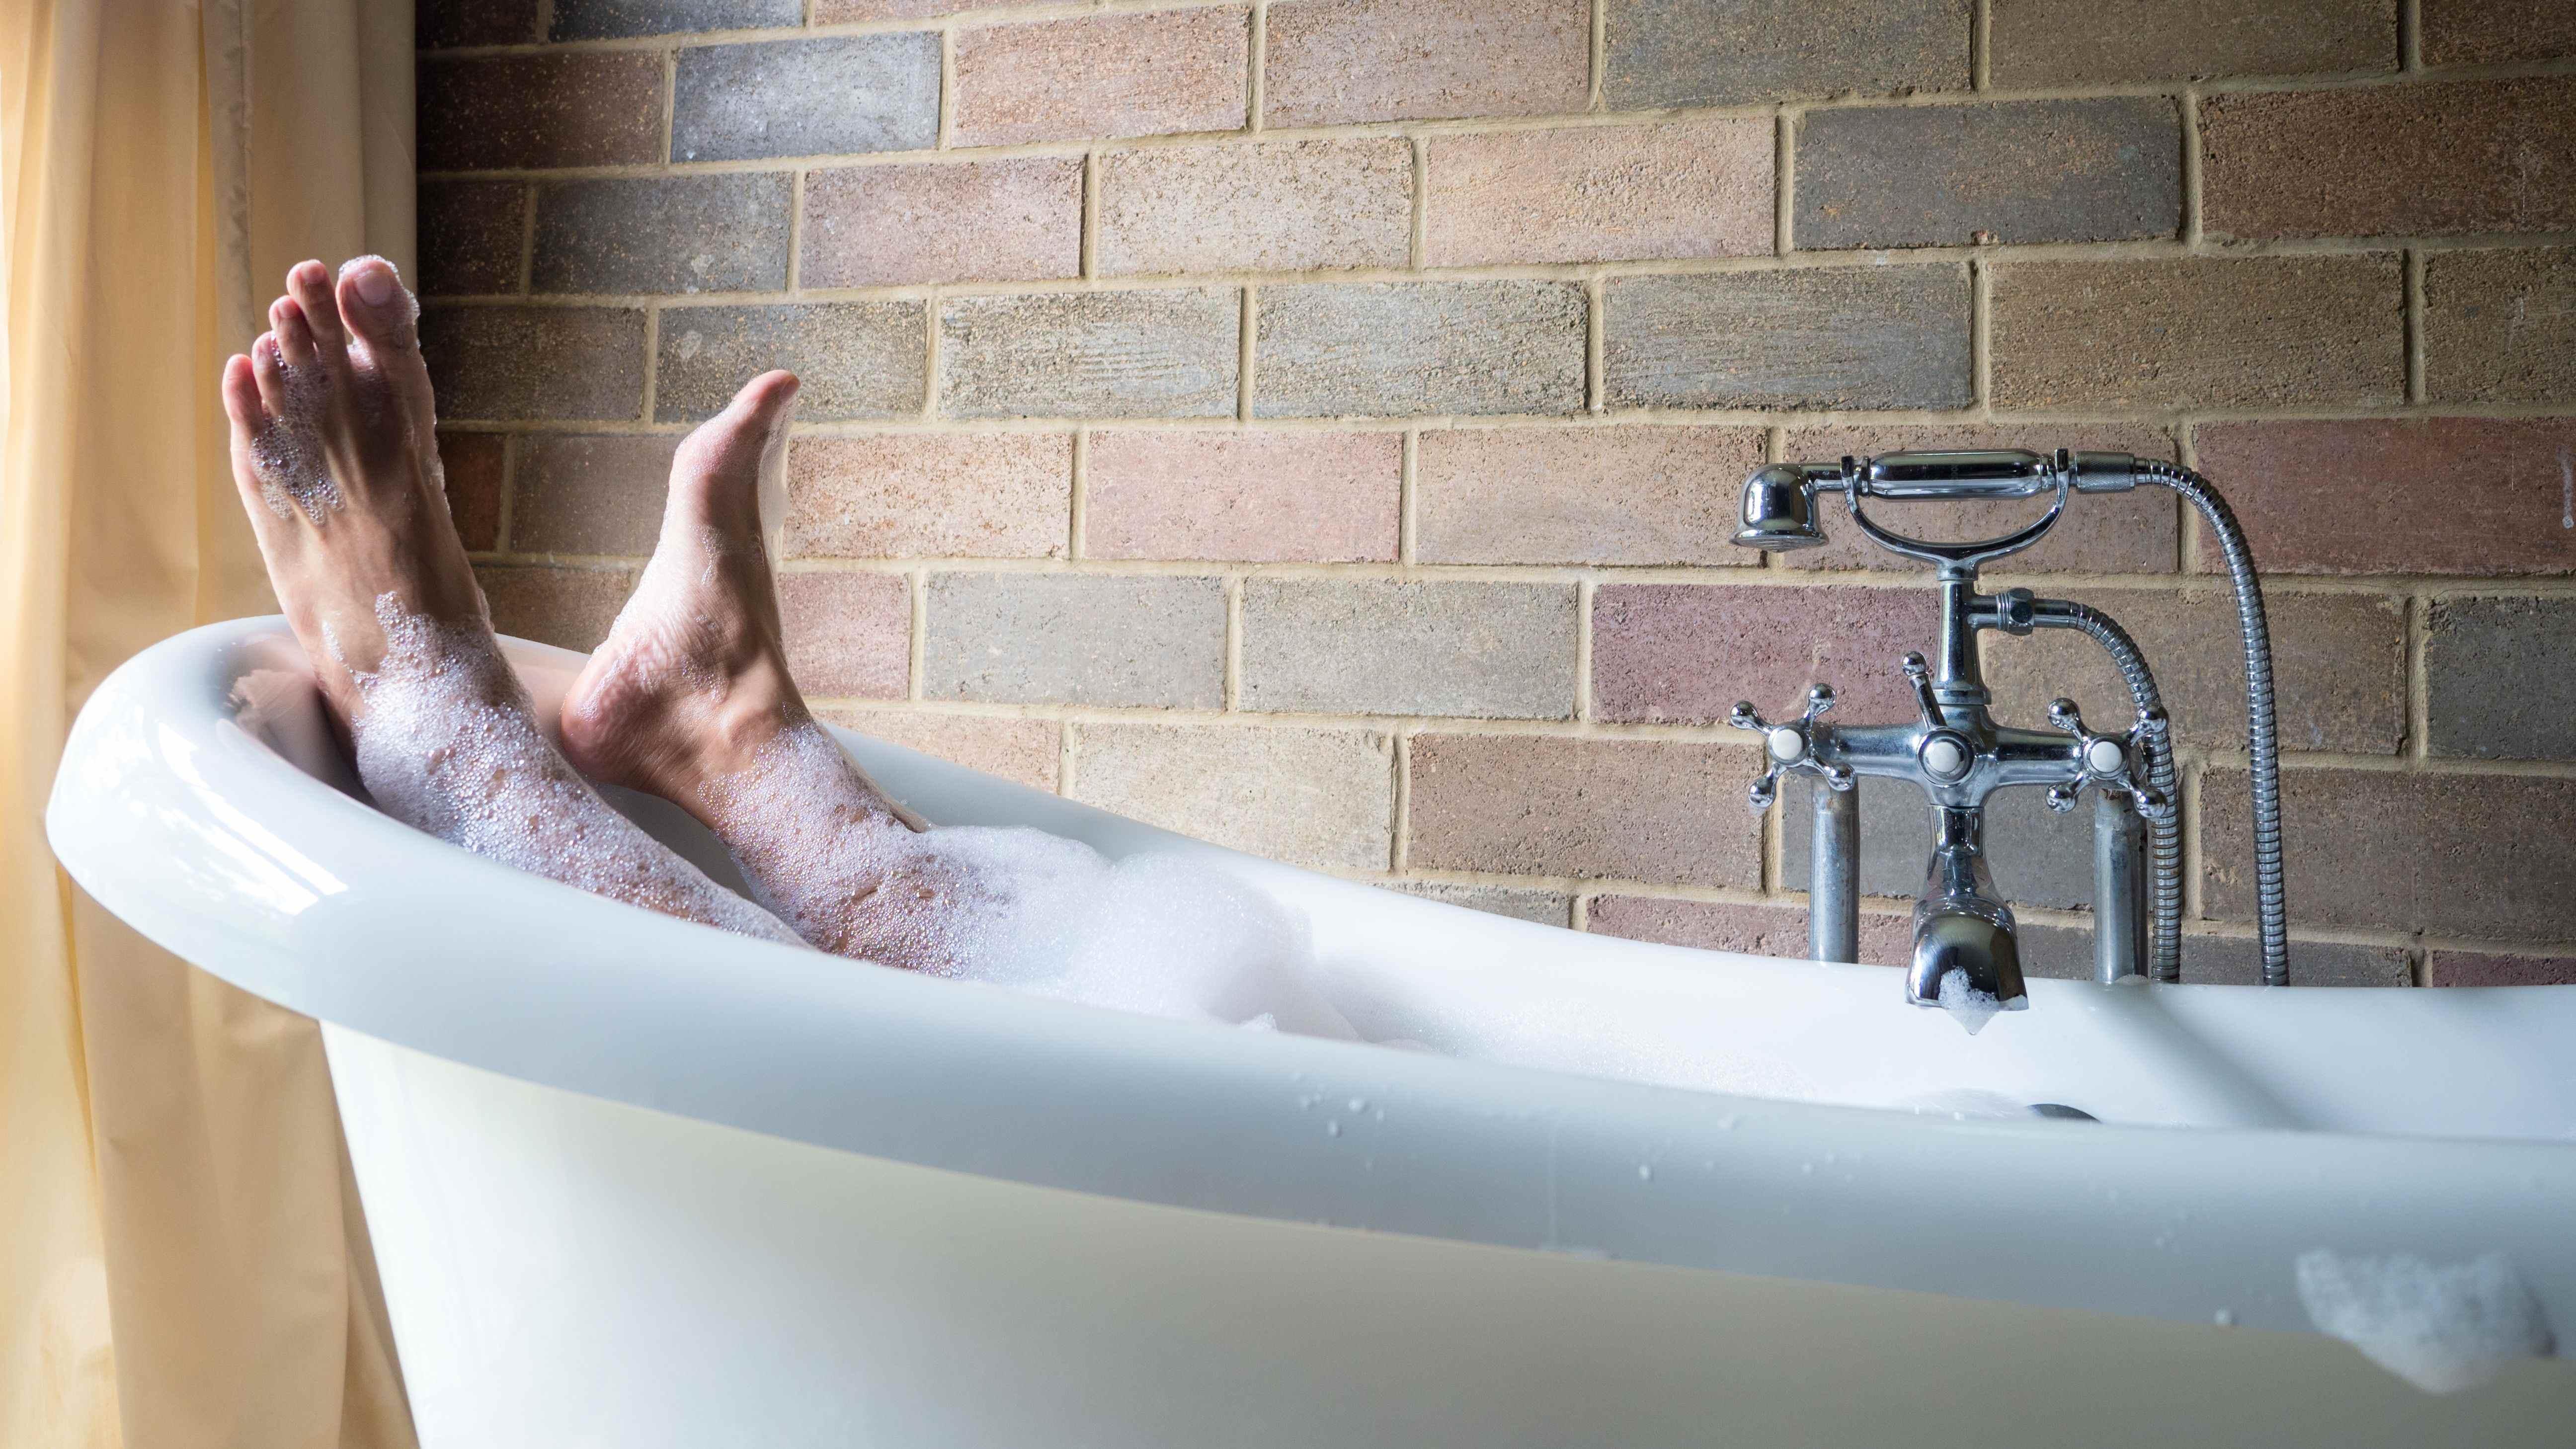 Come scegliere una vasca da bagno?